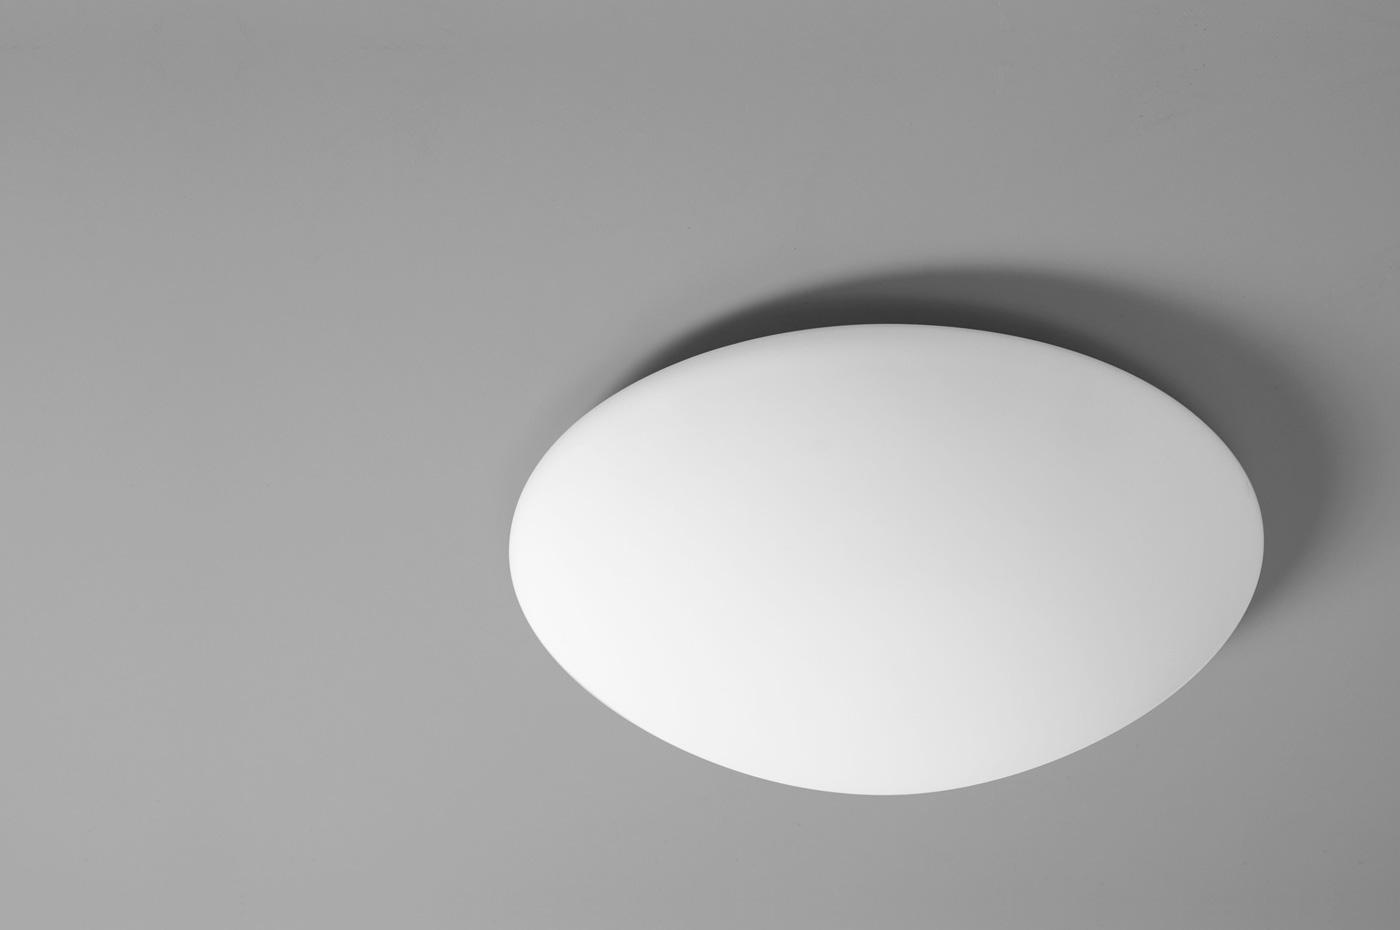 Plafoniera Per Bagno Design : Ceiling info bagno design arredobagno arredamento